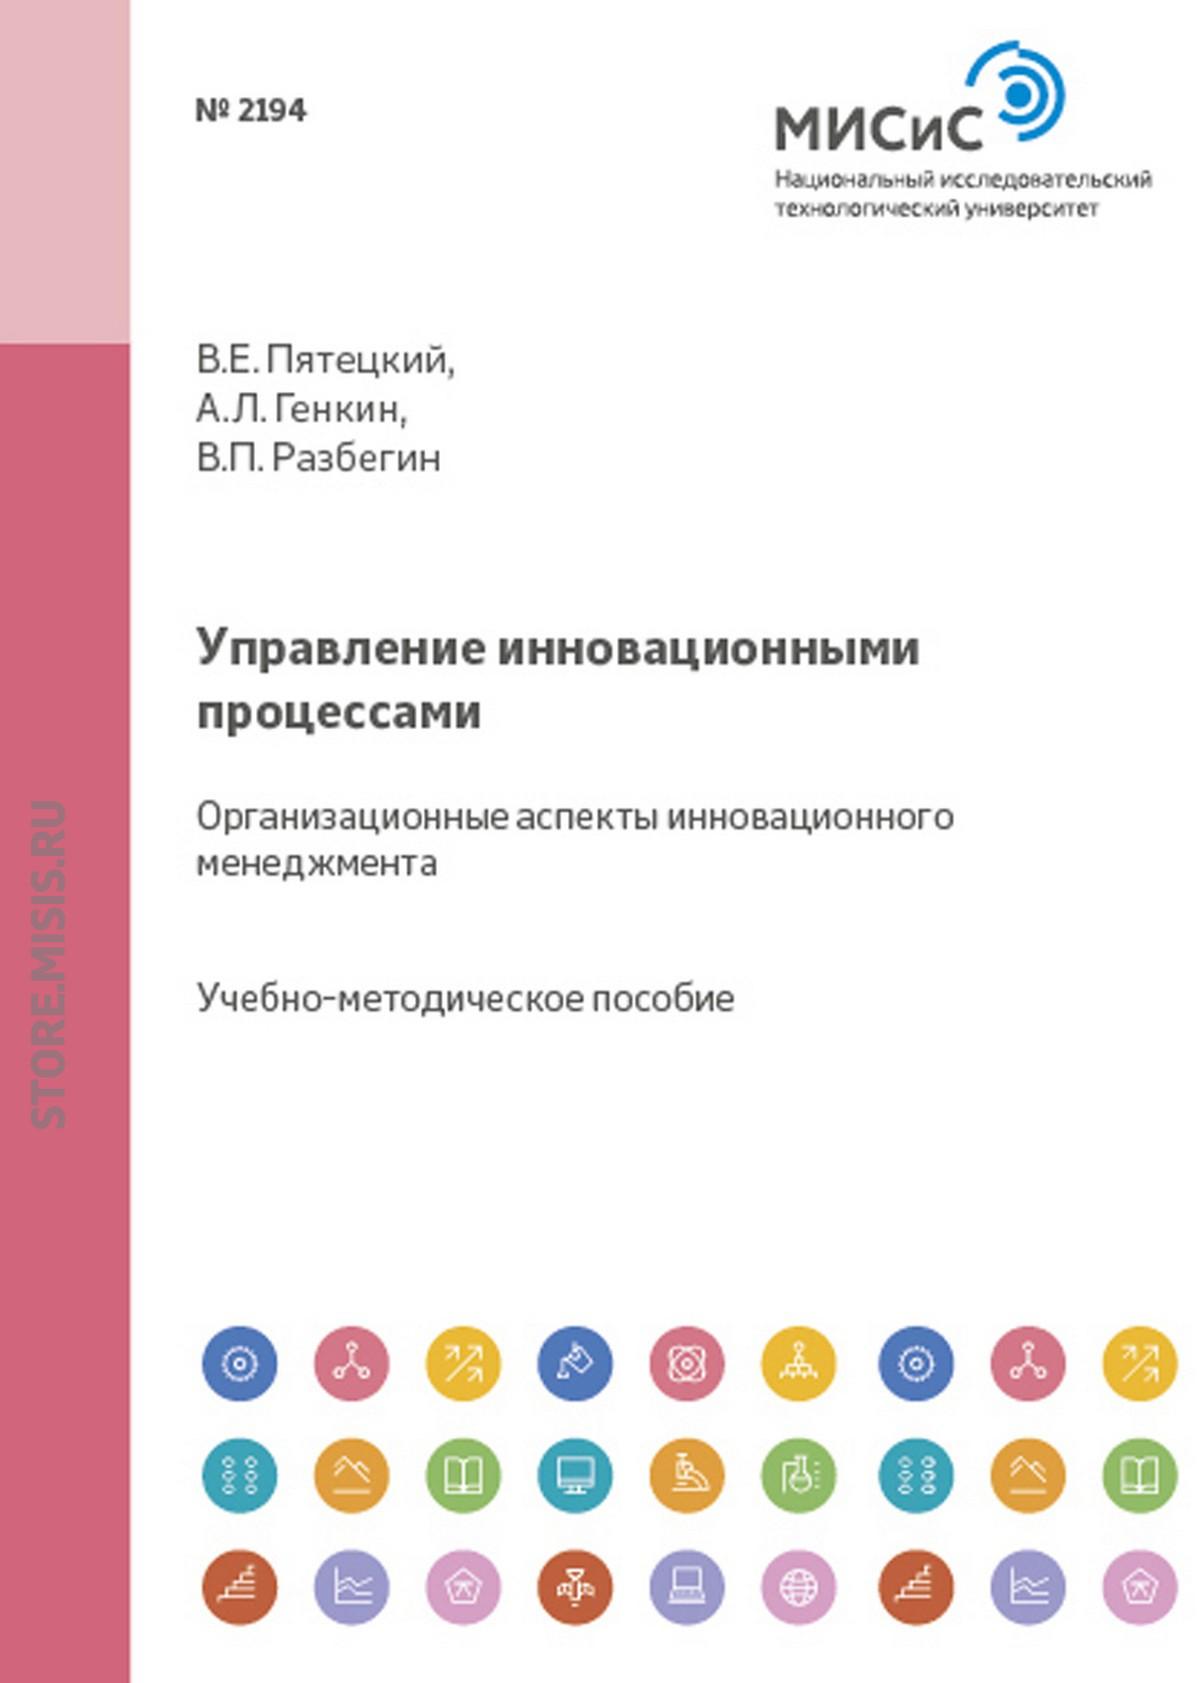 Аркадий Генкин Управление ииновационными процессами. Организационные аспекты инновационного менеджмента